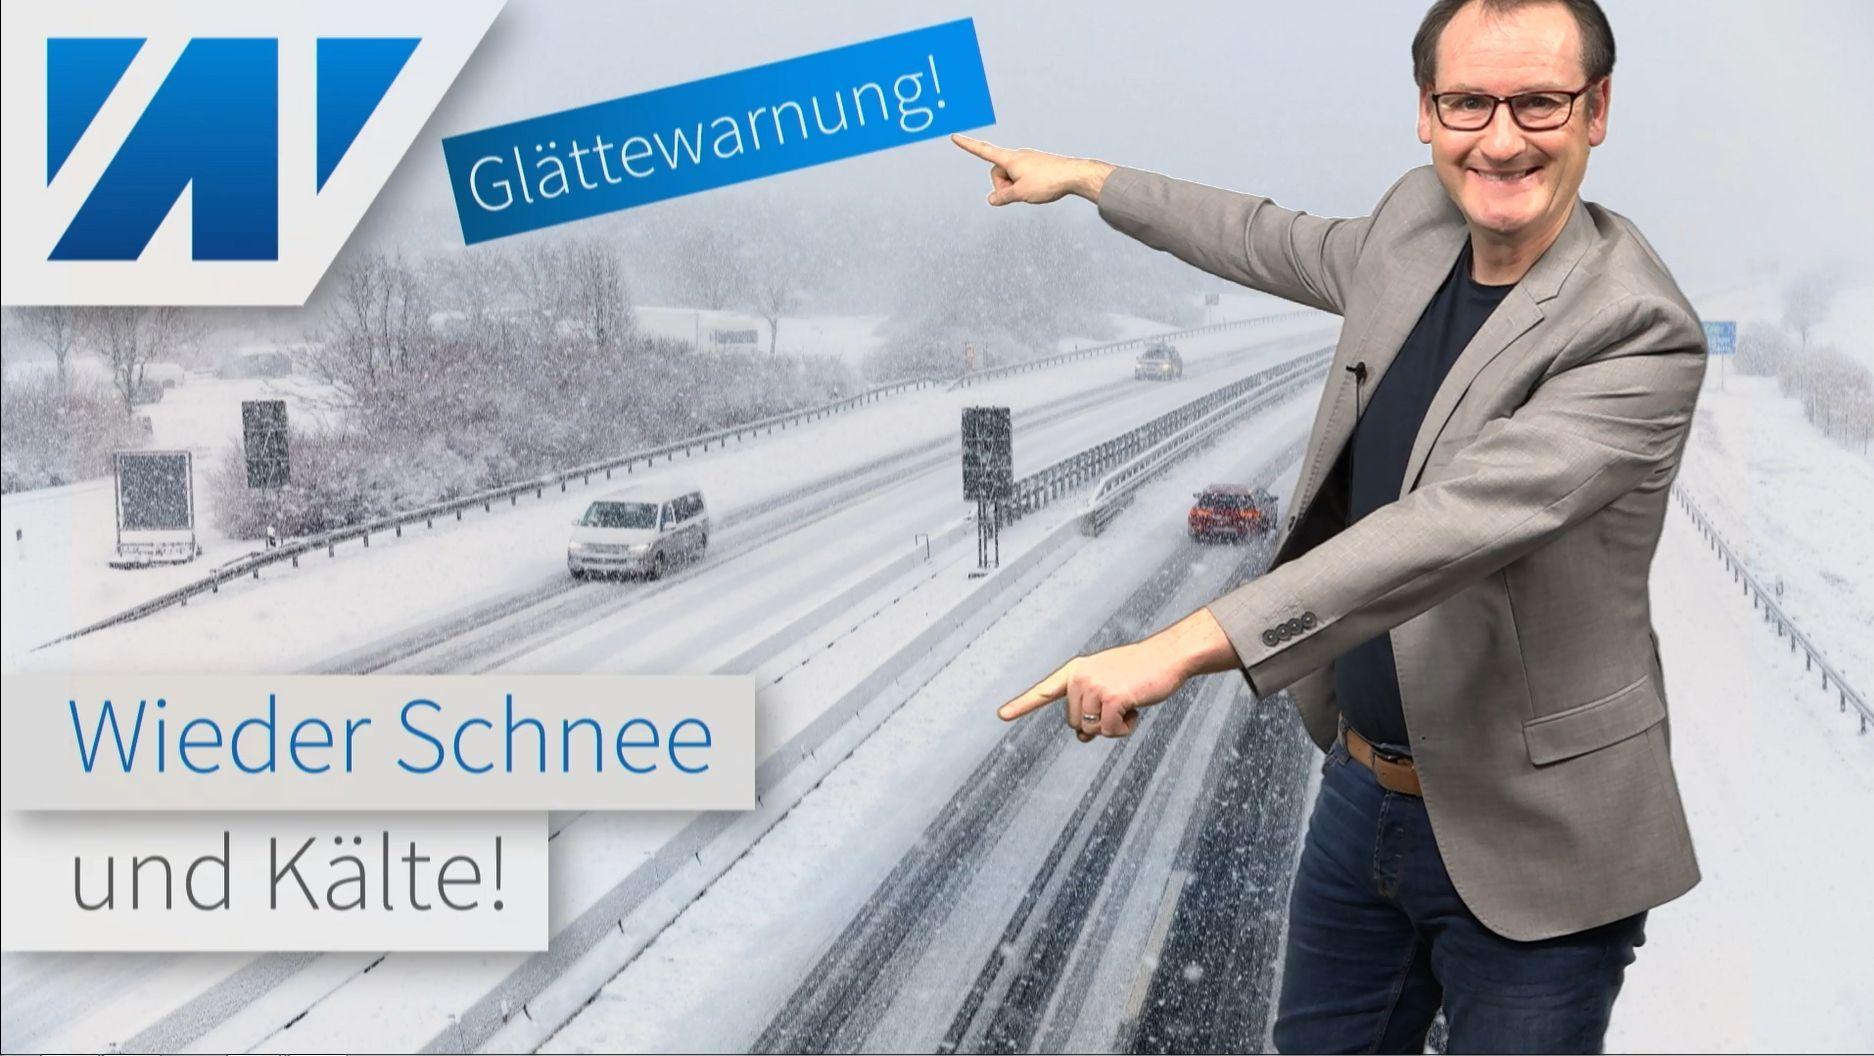 Schockkarten für alle Frühlingsfans! Nächste Woche Winterwetter mit Schnee und Frost!